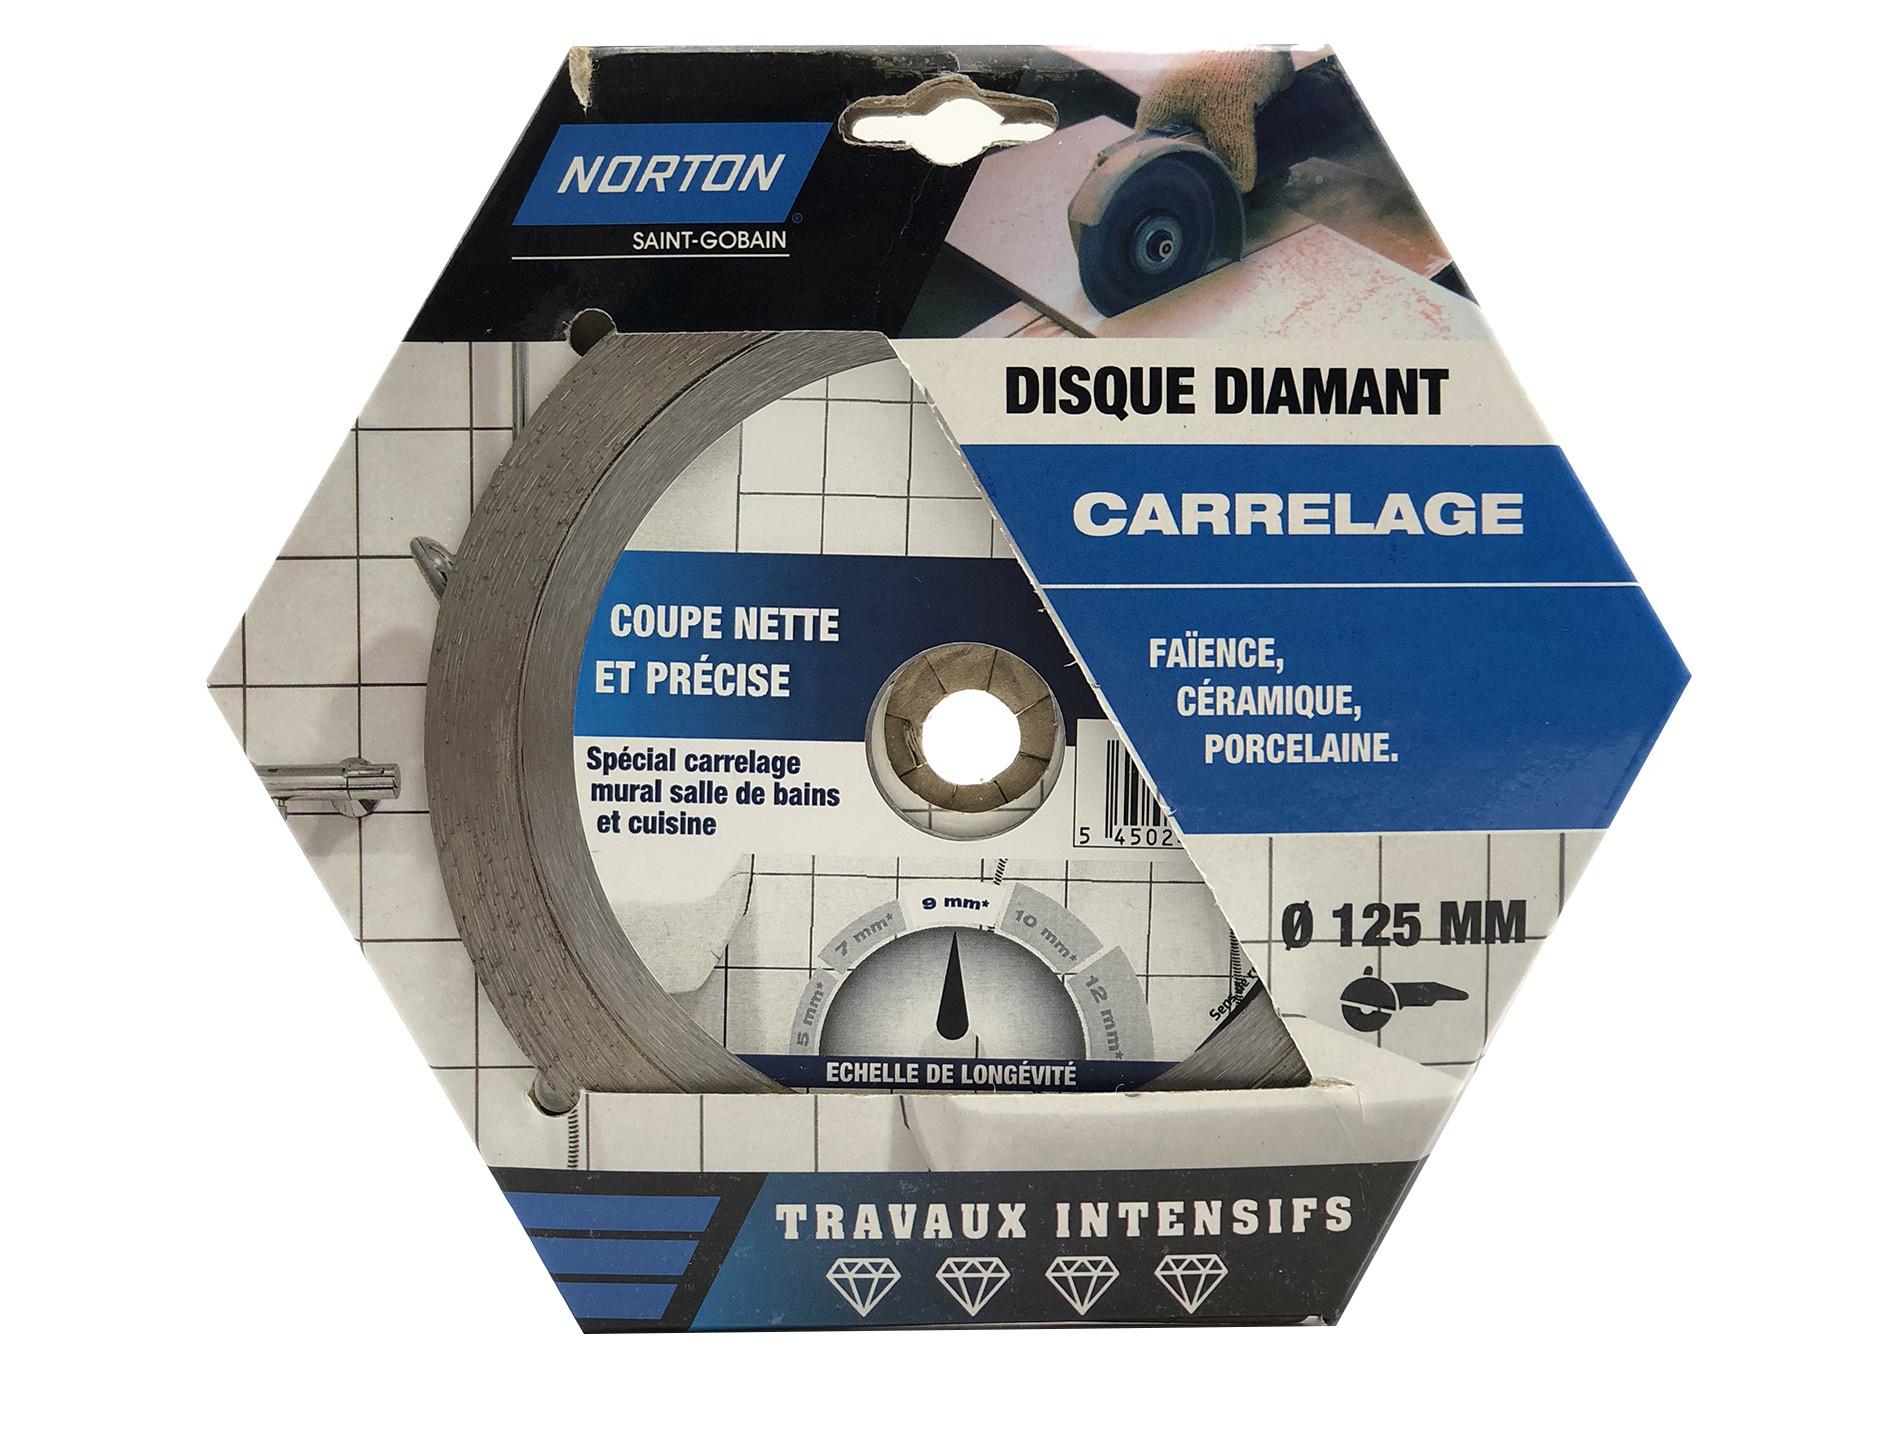 Disque Diamant Carrelage O125 Norton Disque De Meuleuse Consommable Electroportatif Et Accessoires Bricolage Materiaux